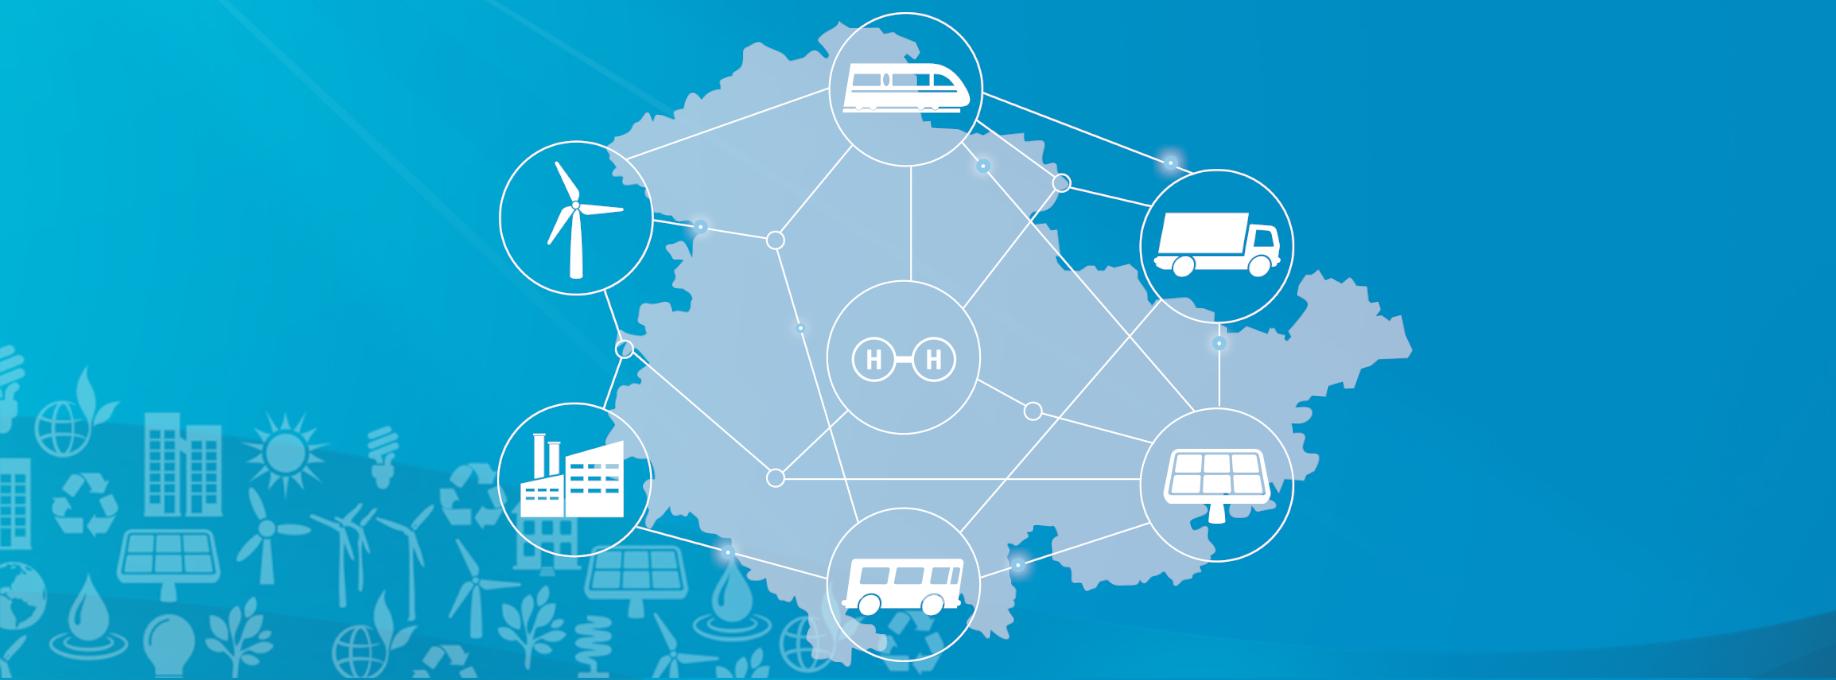 Netzwerk für Wasserstoff: Wind, Sonne und Biomasse als Basis für die Erzeugung; Industrie, Schwerlastverkehr und Bahn als Verbraucher